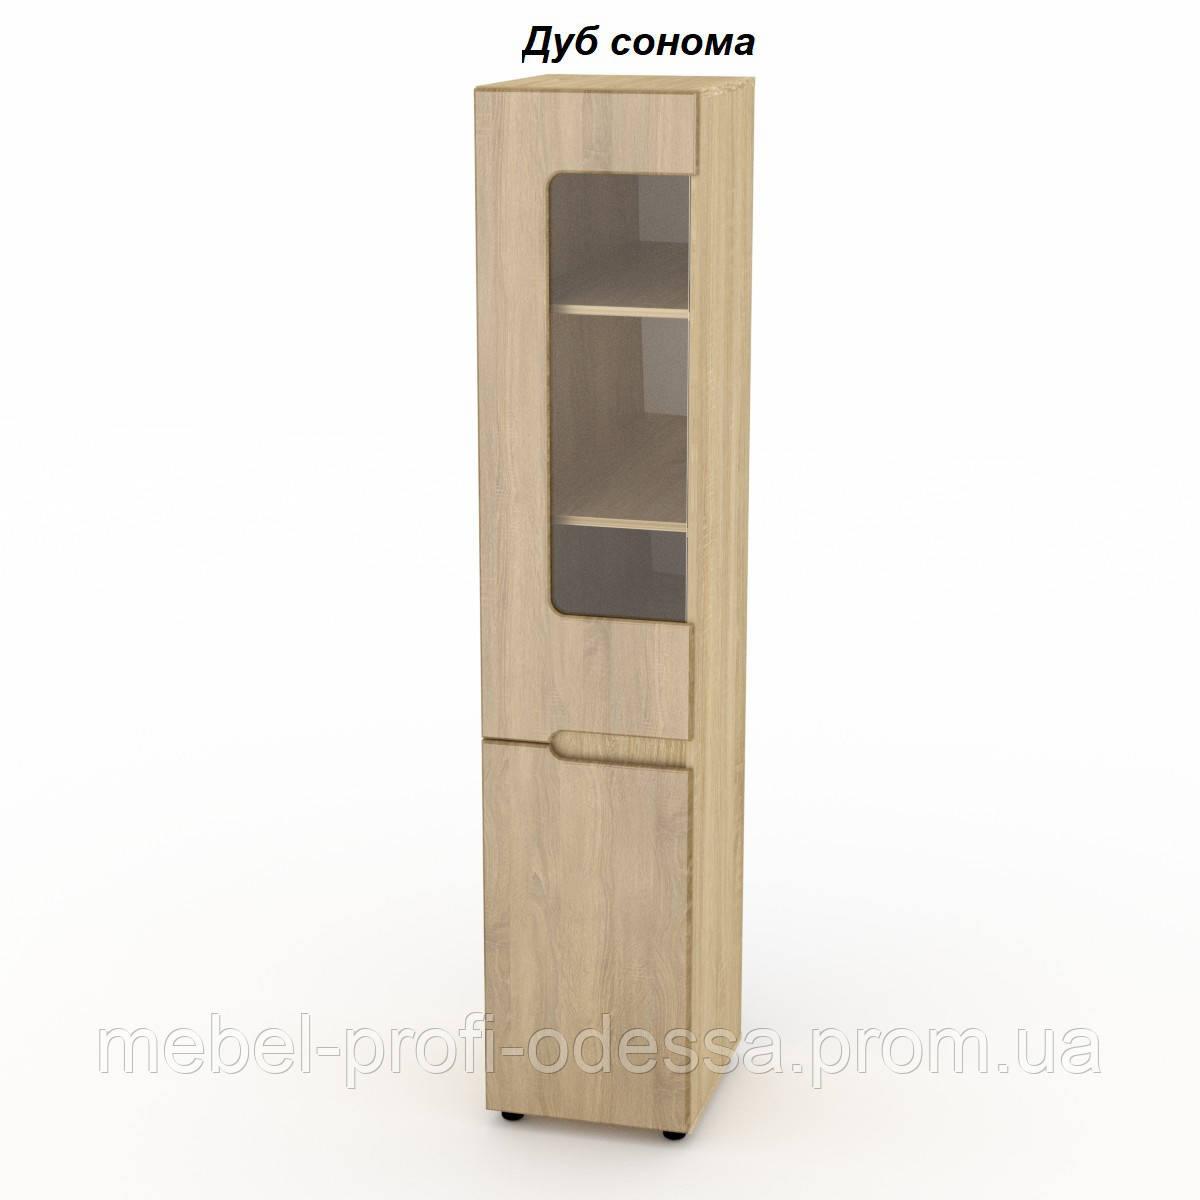 Шкаф 24 Л МДФ Компанит Модульная система Стиль шкаф, витрина